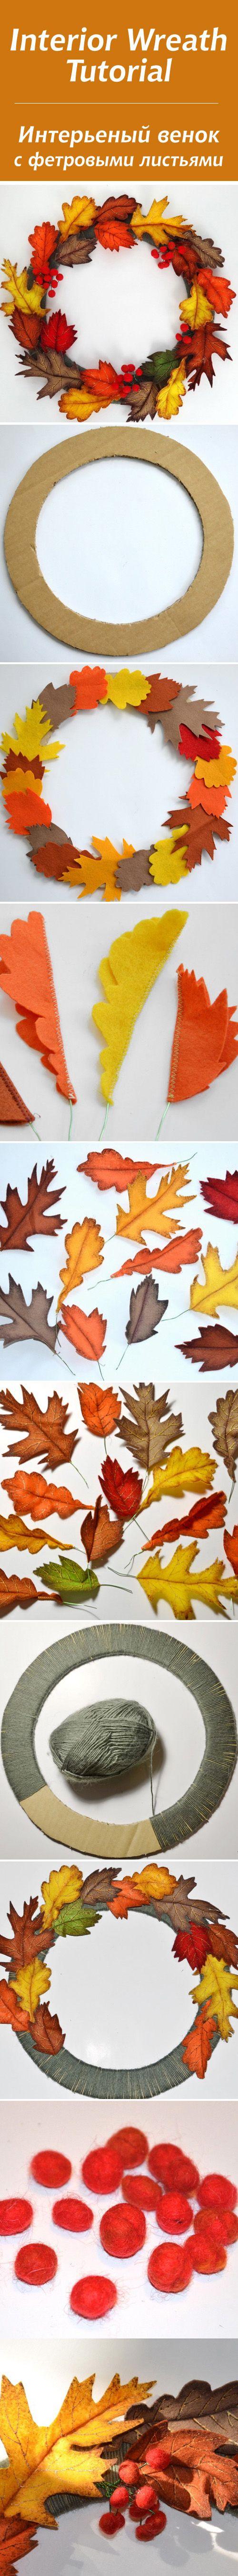 Делаем осенний интерьерный венок с листьями из фетра